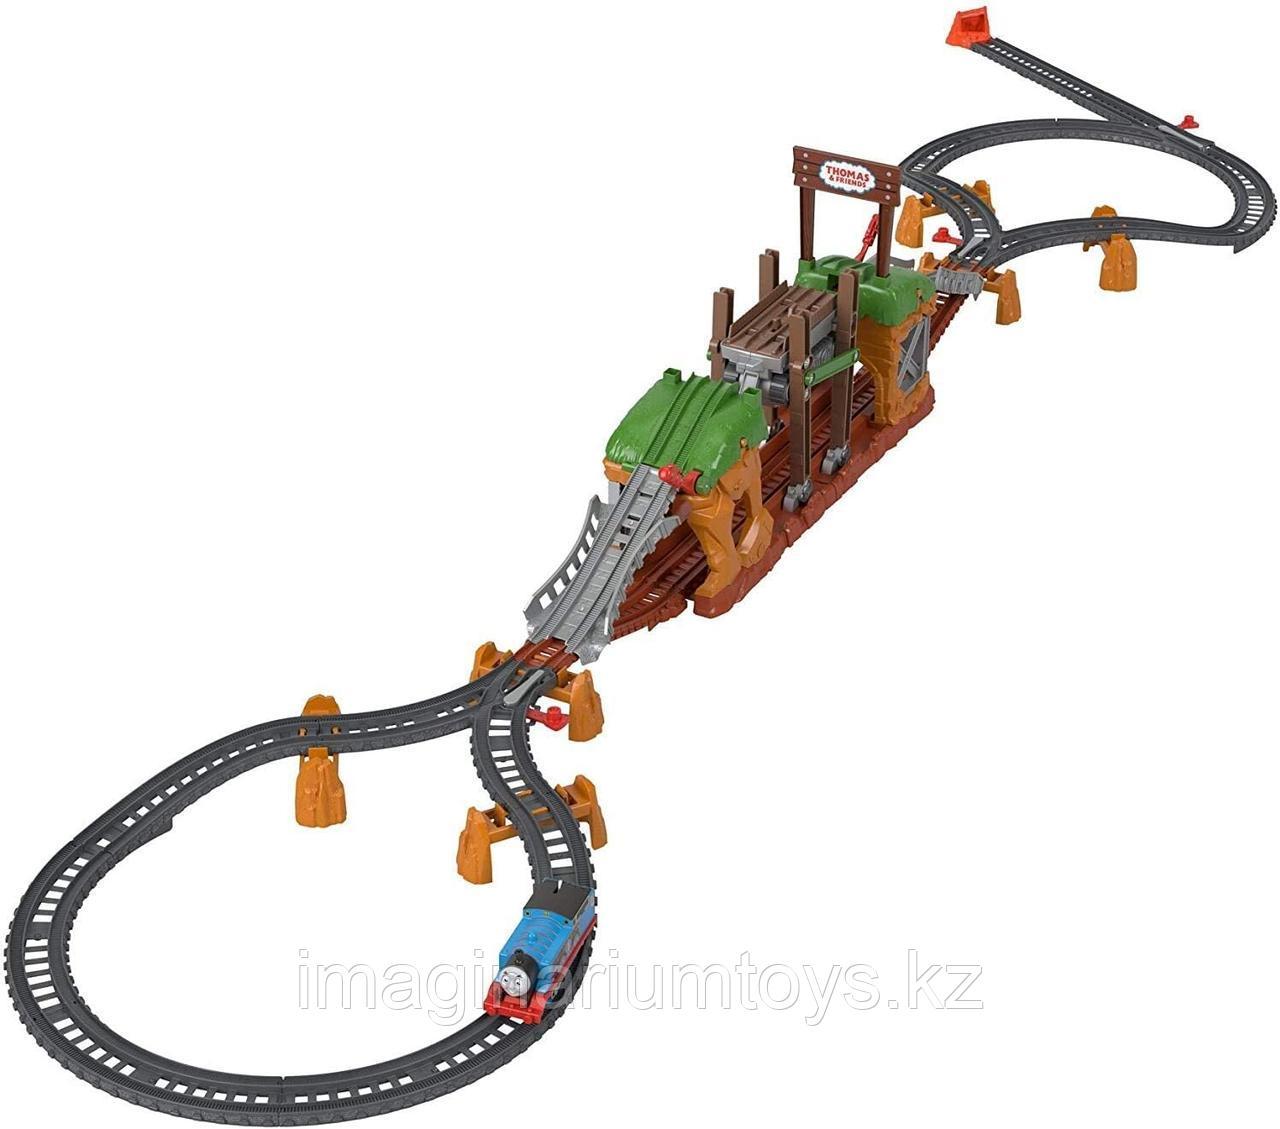 Детская железная дорога Томас «Мост с переправой» Track Master